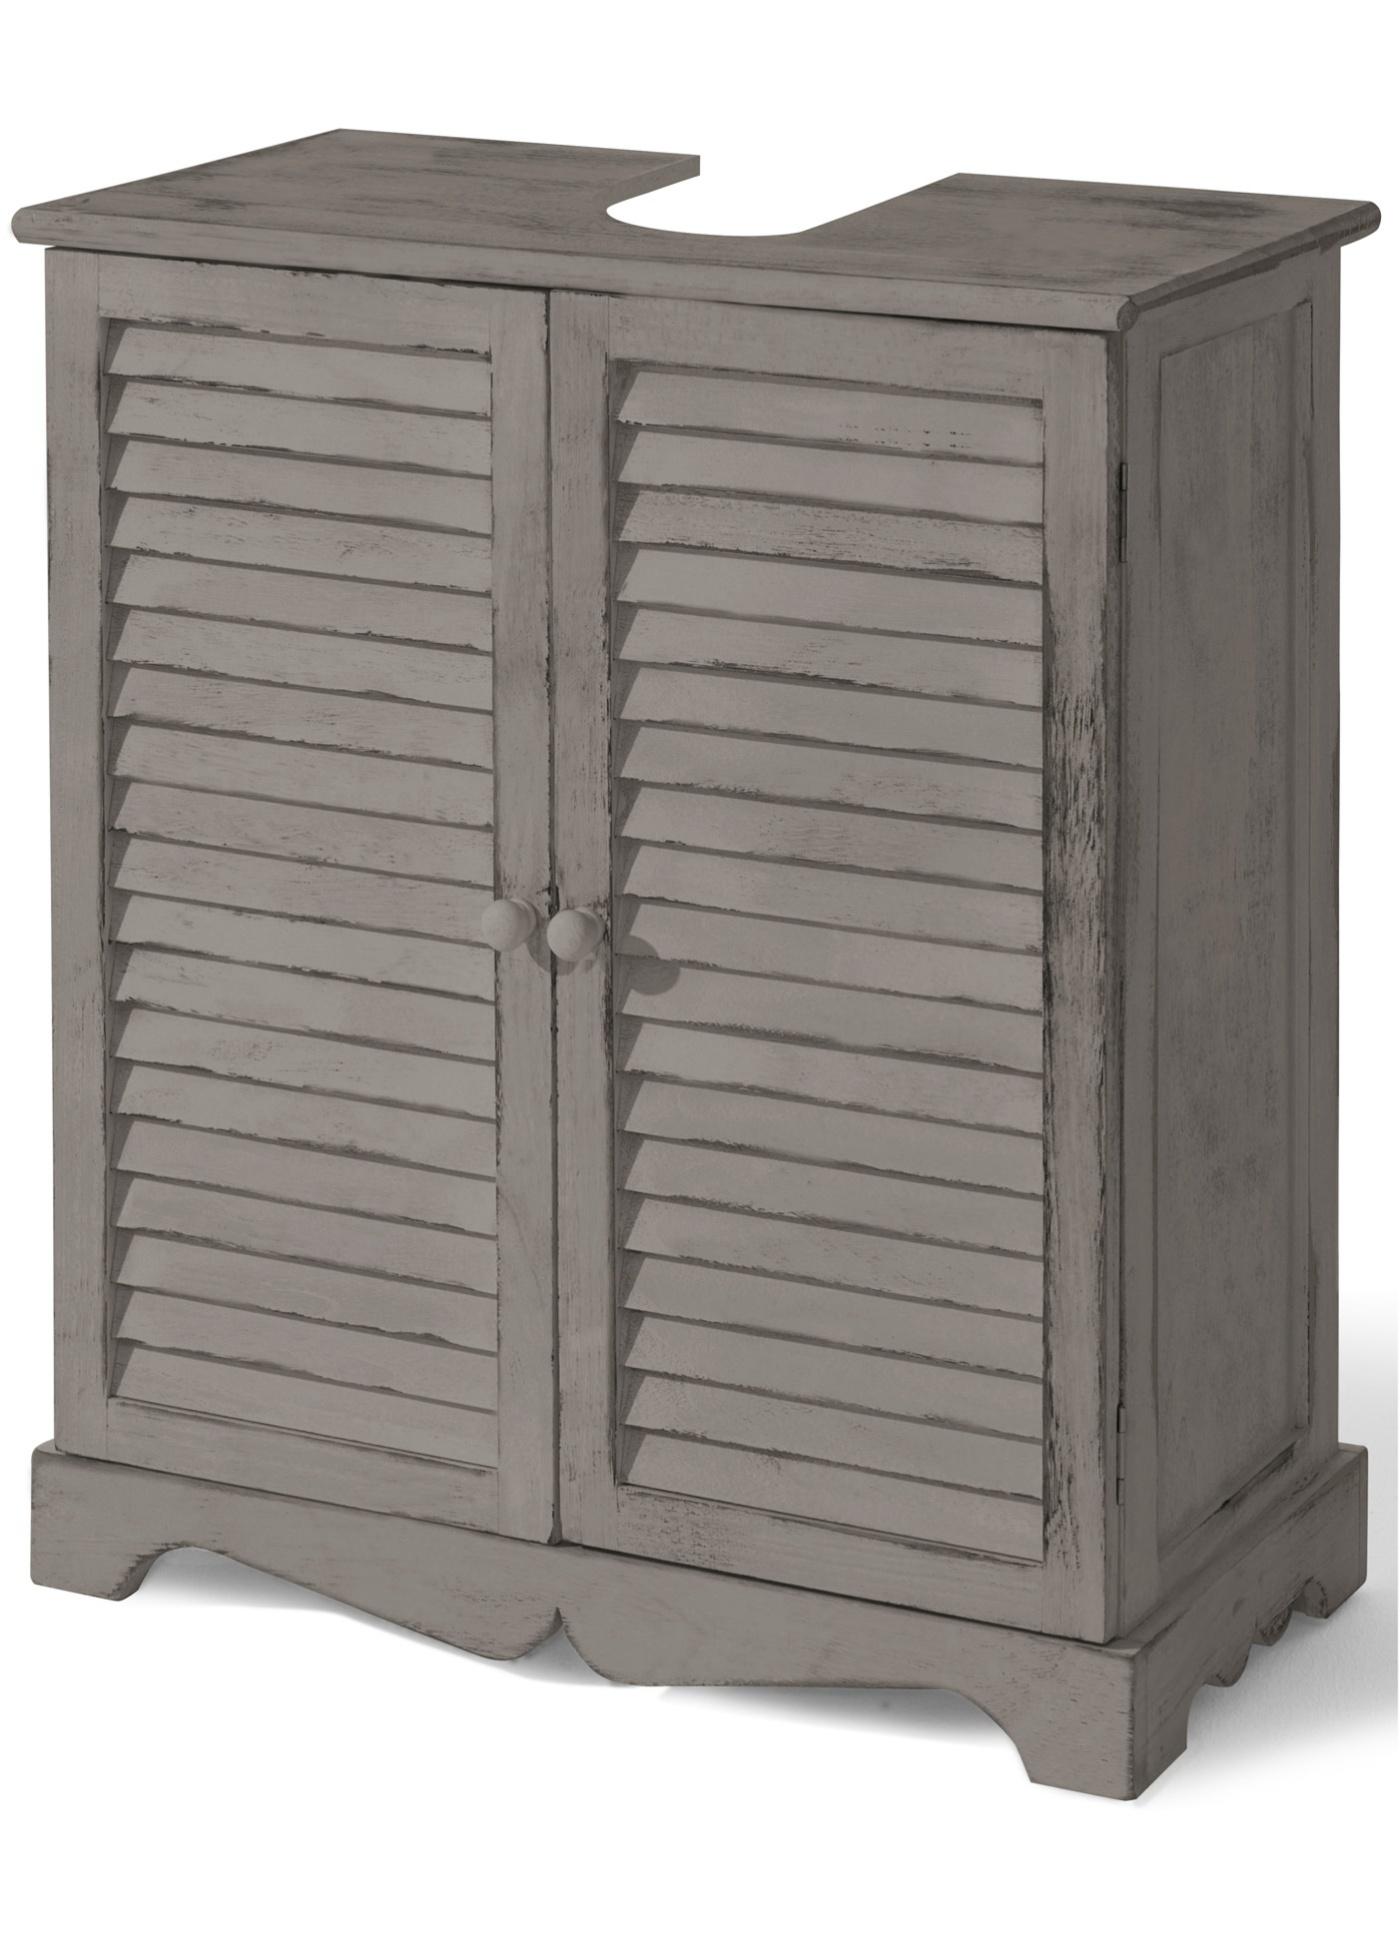 Meuble sous-lavabo avec portes à lamelles et socle sculpté. Aspect patiné. Livré monté.